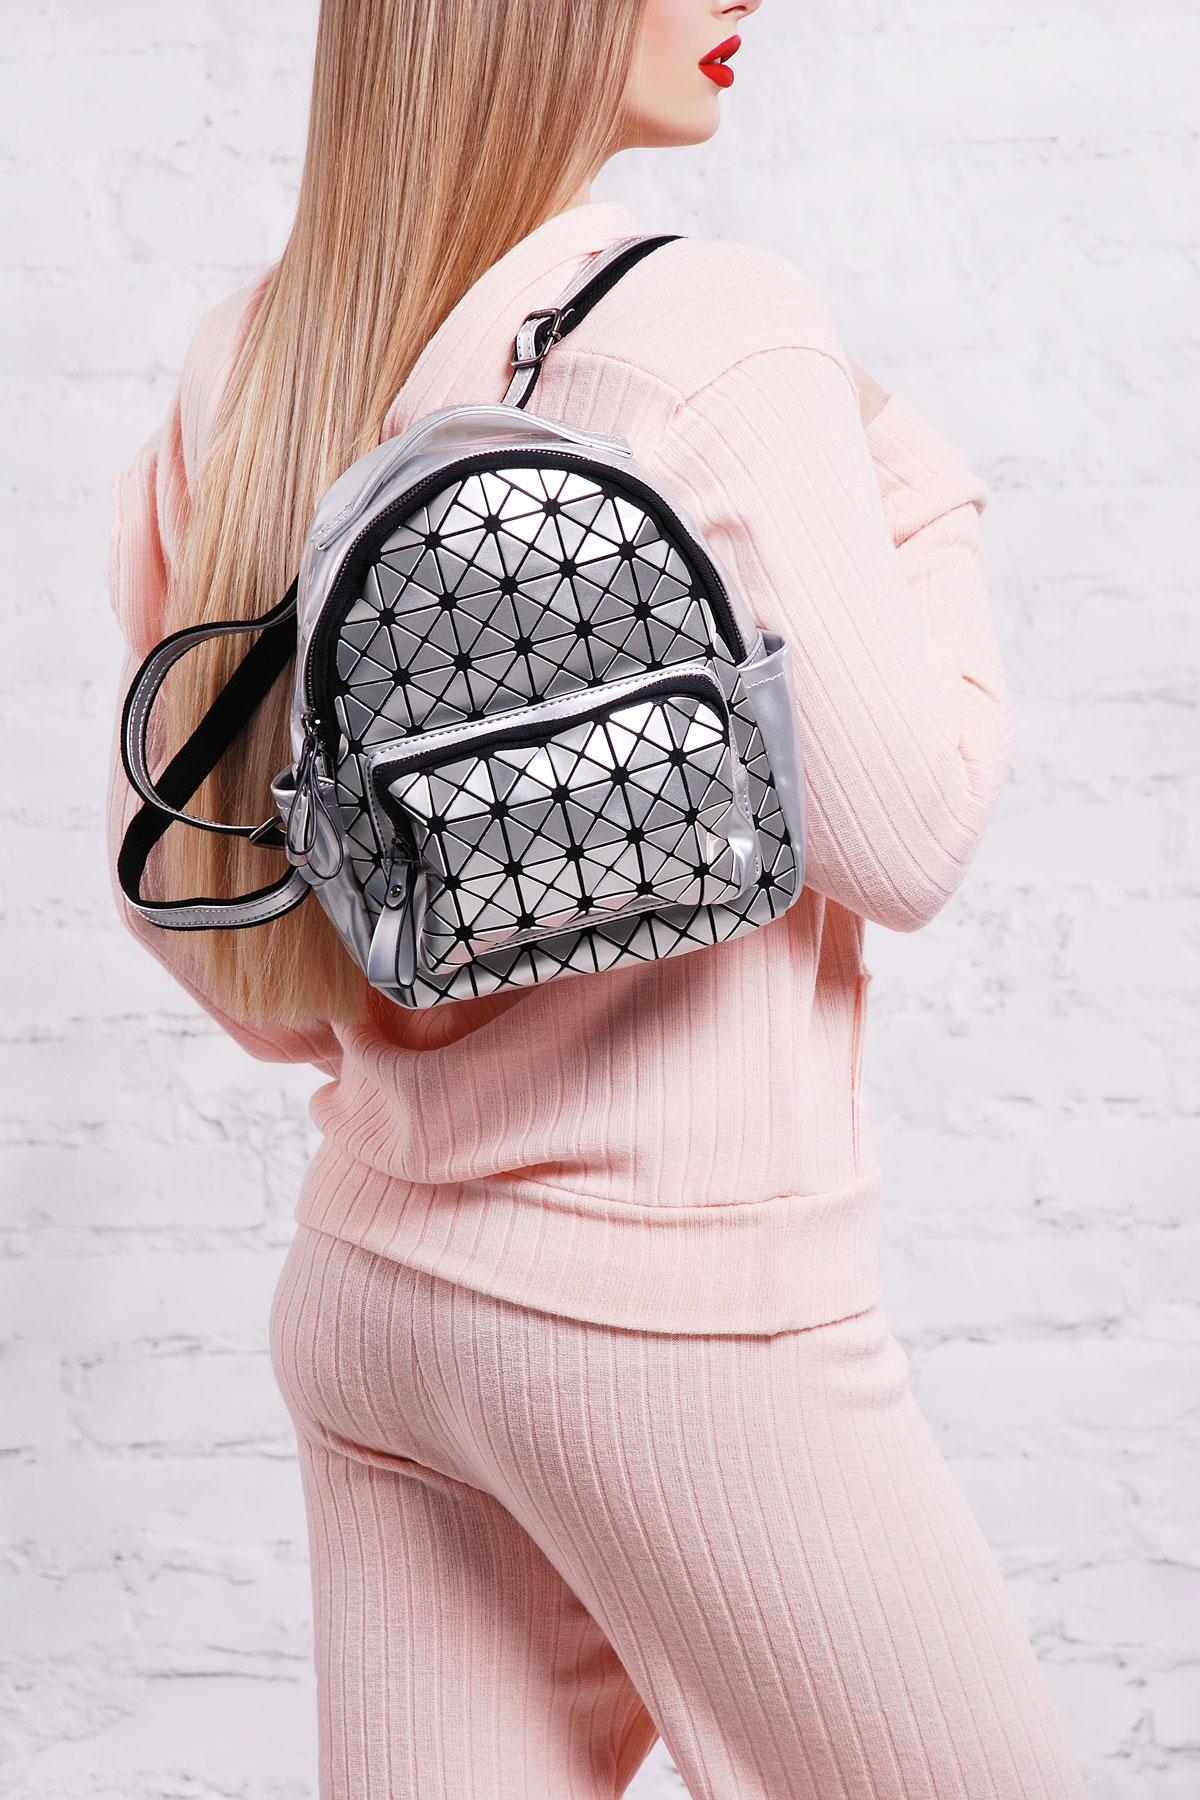 7f533f9a5cd4 Цвет: серебро купить · женский лакированный рюкзак цвета молоко. Рюкзак  26311. Цвет: серебро цена